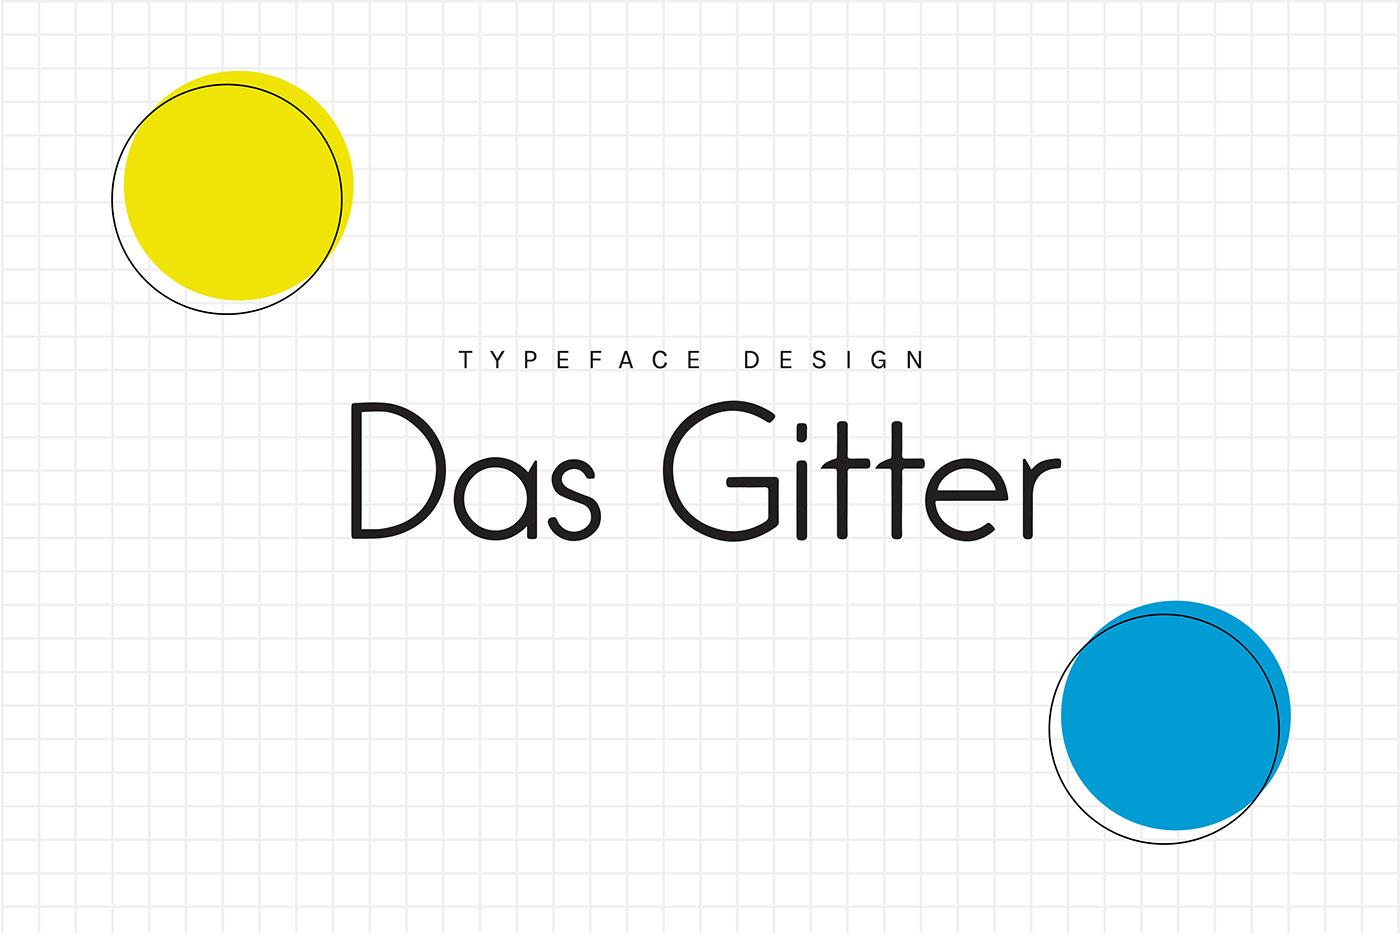 Das Gitter Typeface